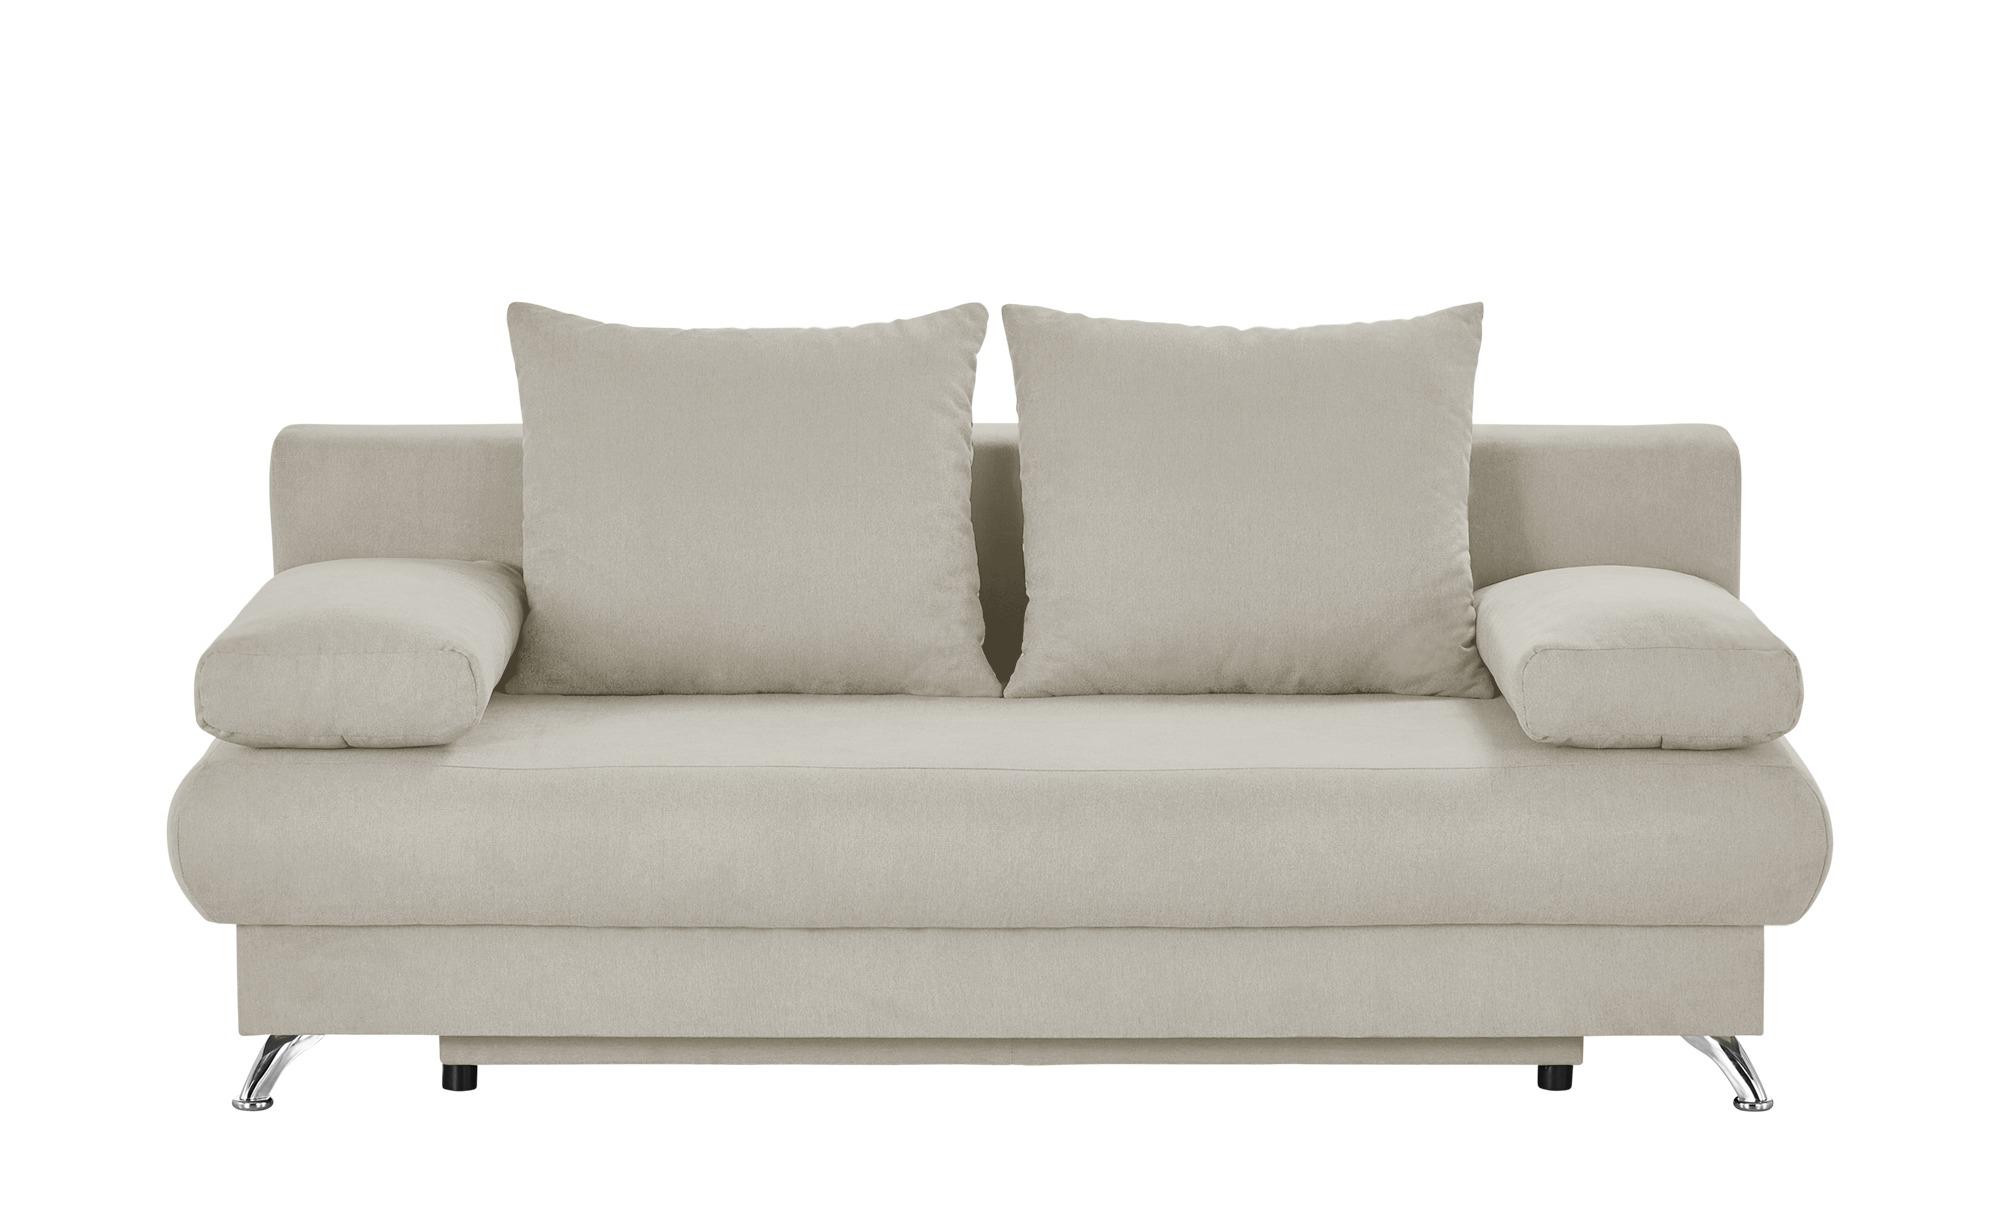 Schlafsofa weiß - Flachgewebe Viola ¦ weiß ¦ Maße (cm): B: 203 H: 72 T: 93 Polstermöbel > Sofas > 2-Sitzer - Höffner